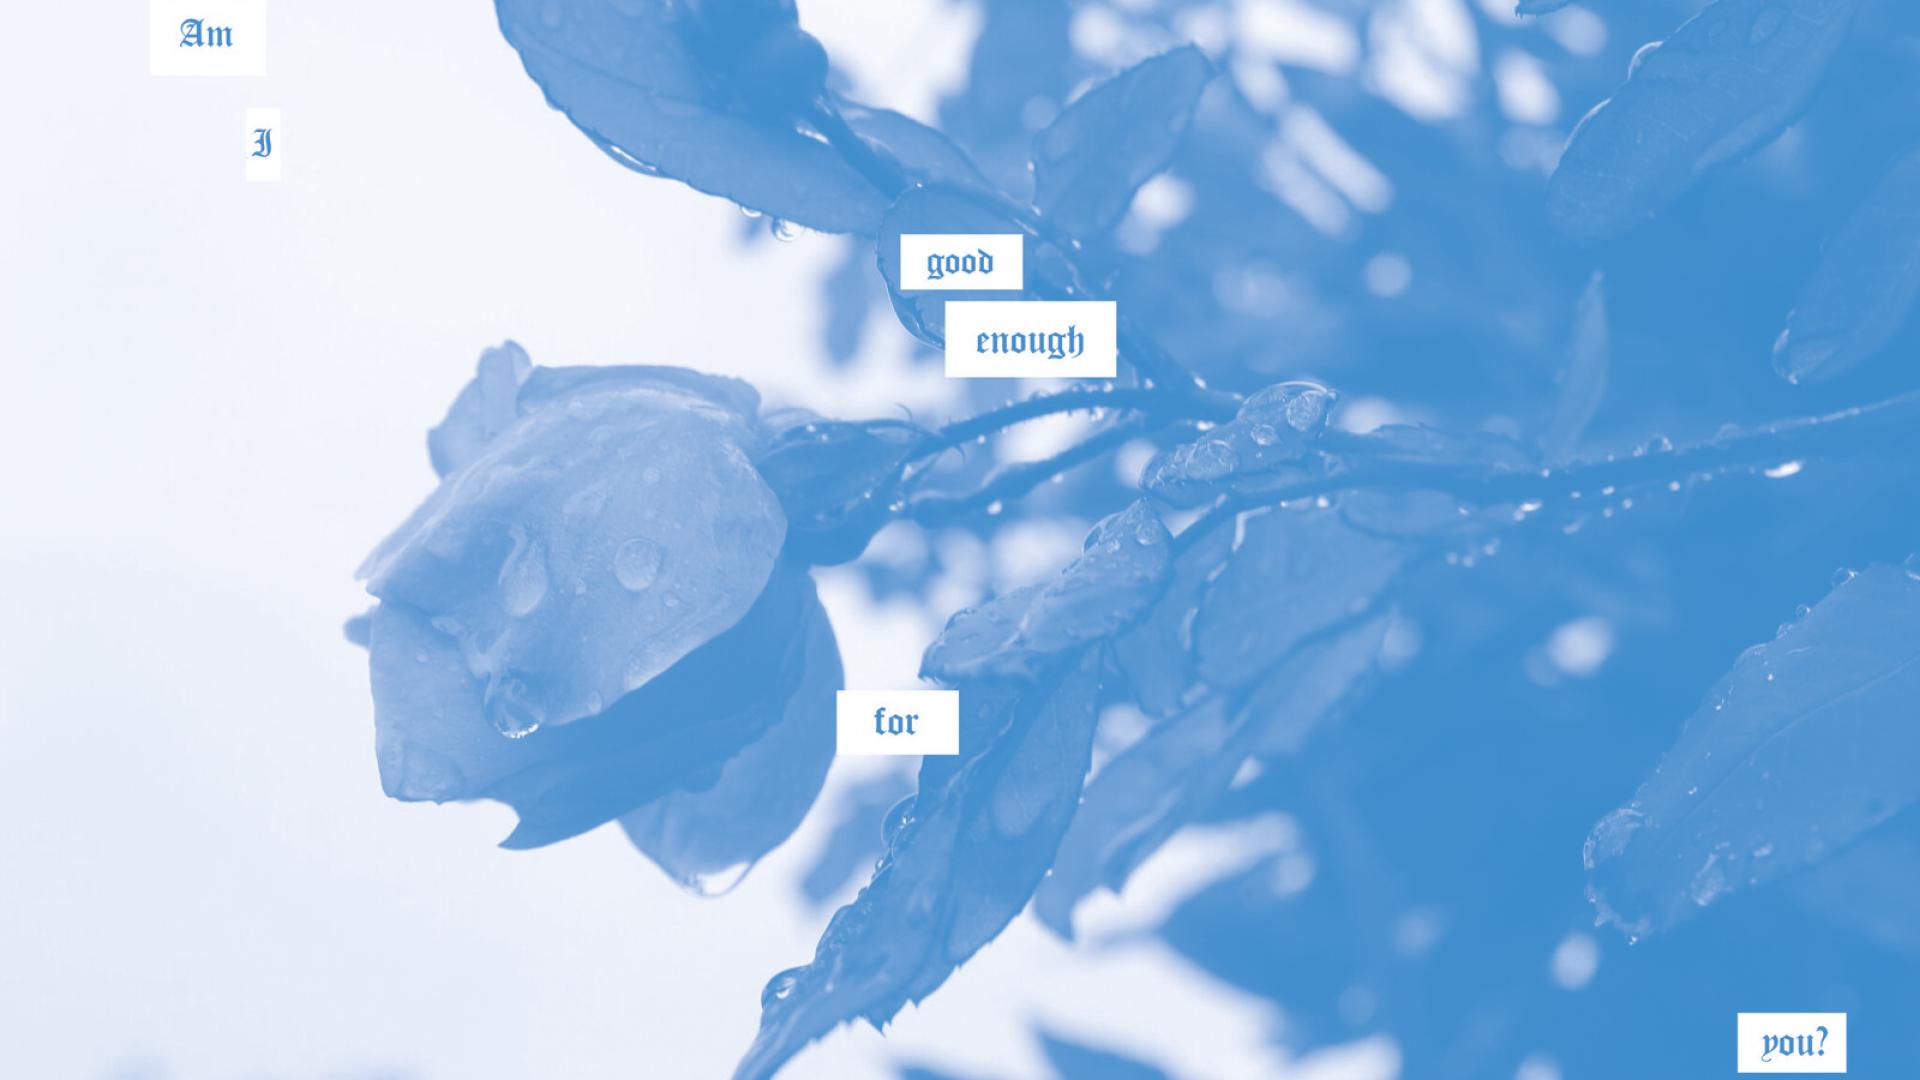 DAPL01 — Nuovi linguaggi della pittura